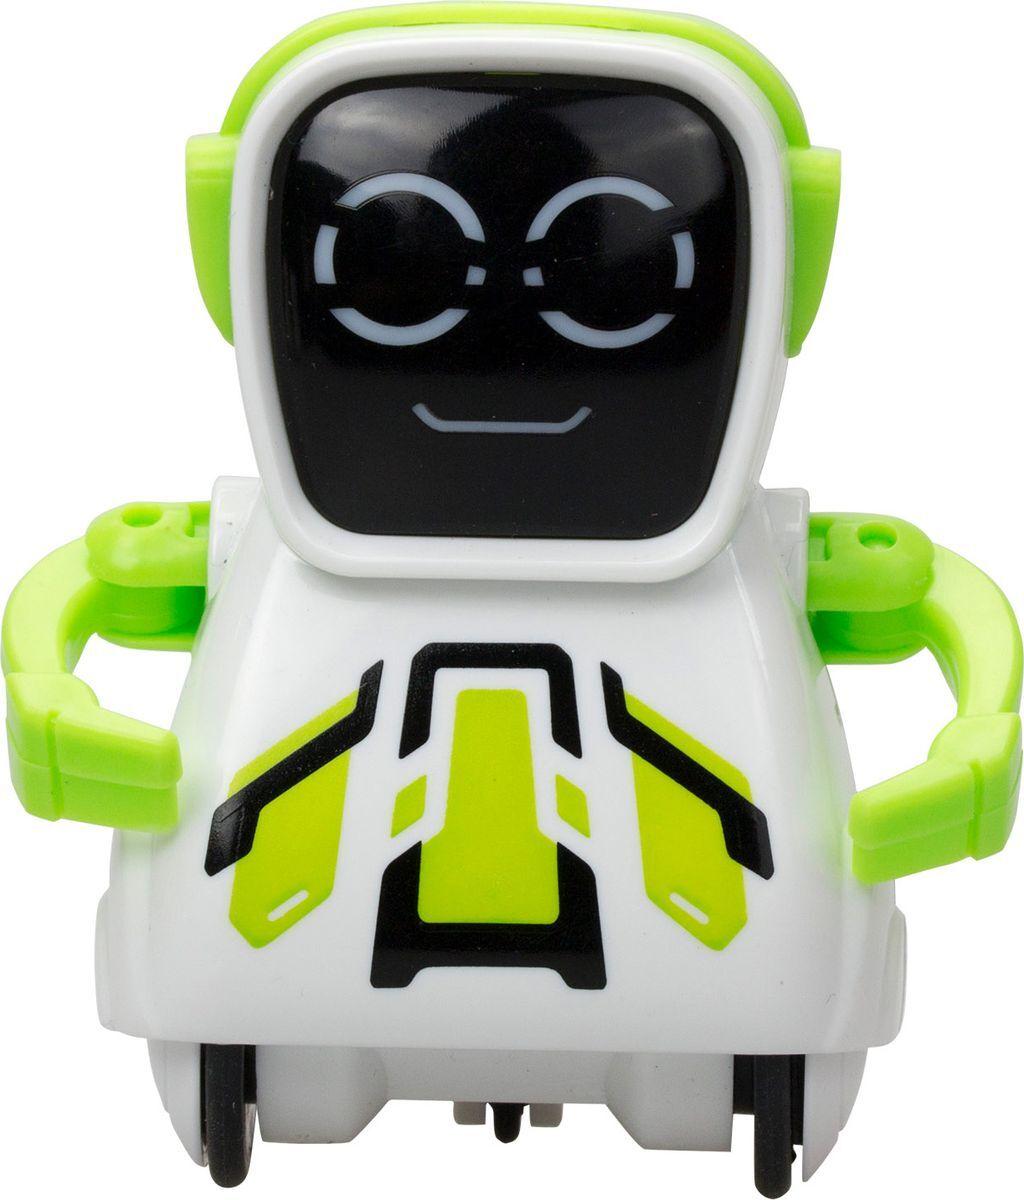 Купить Робот Покибот, зеленый, Silverlit